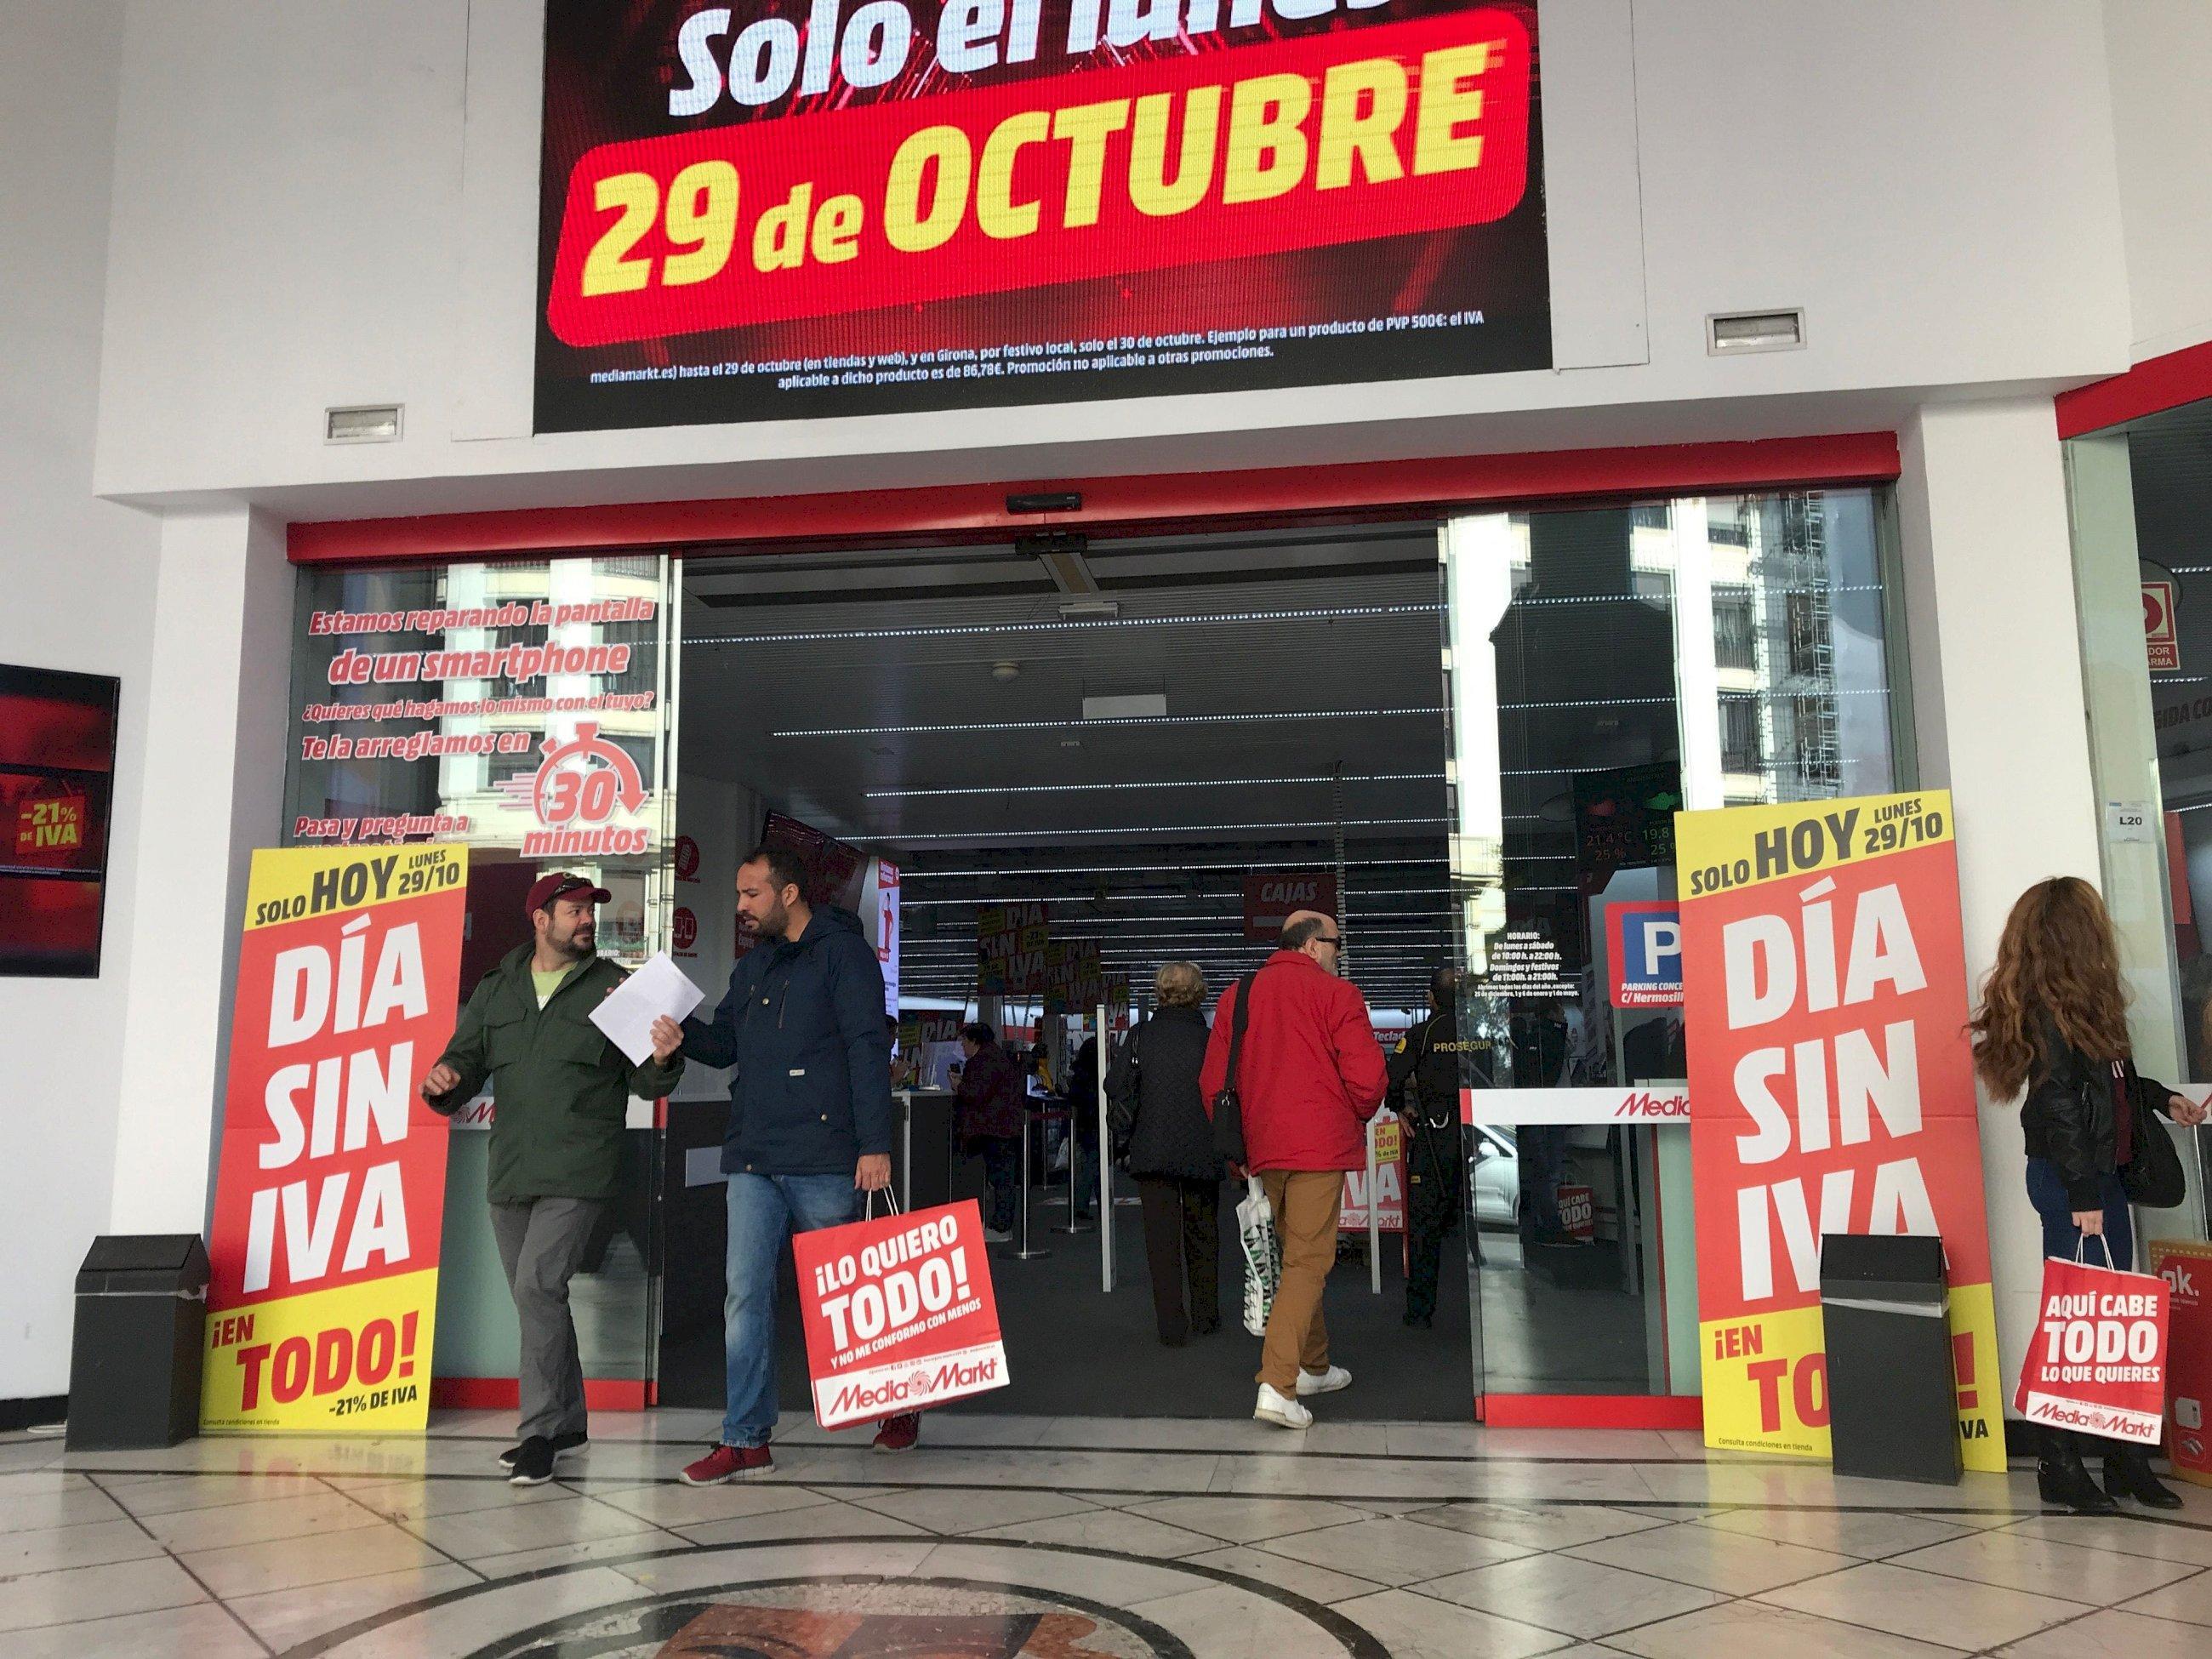 Pillamos A Media Markt Con El Timo Del Día Sin Iva